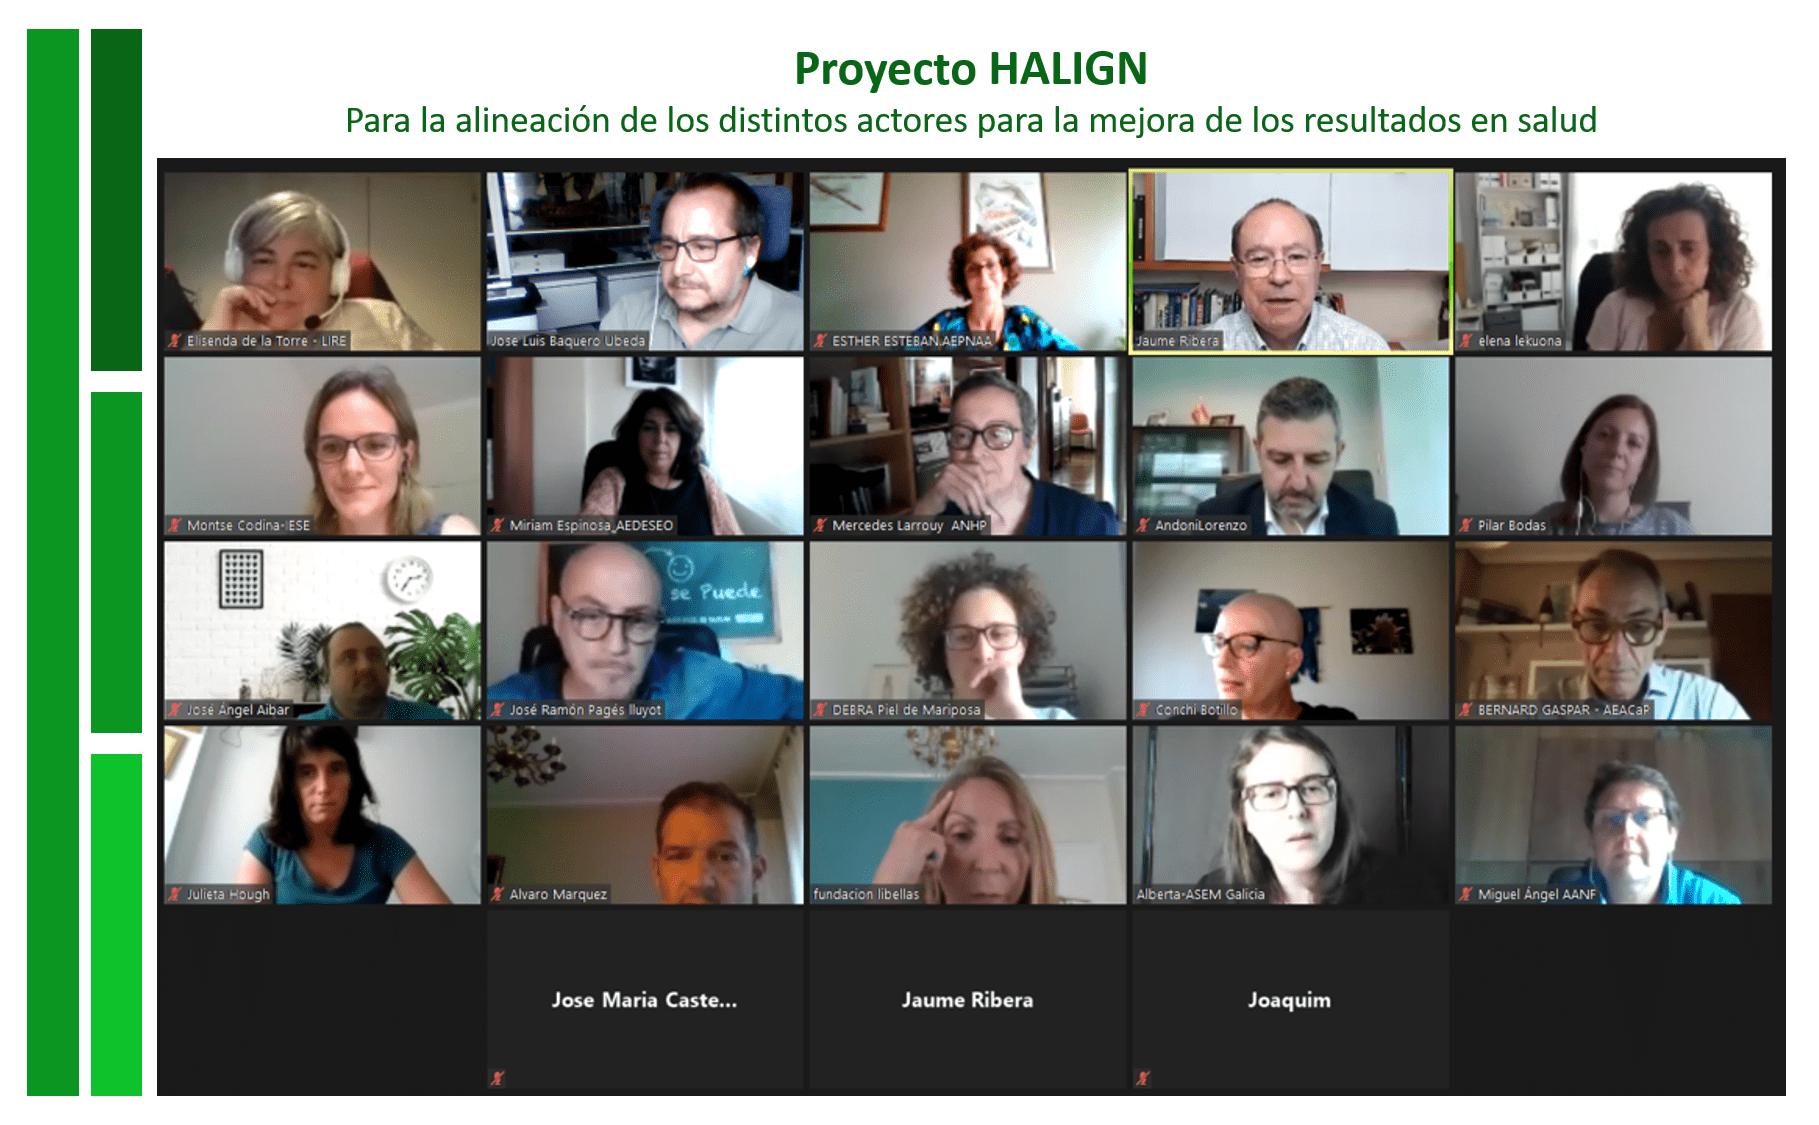 Proyecto HALIGN